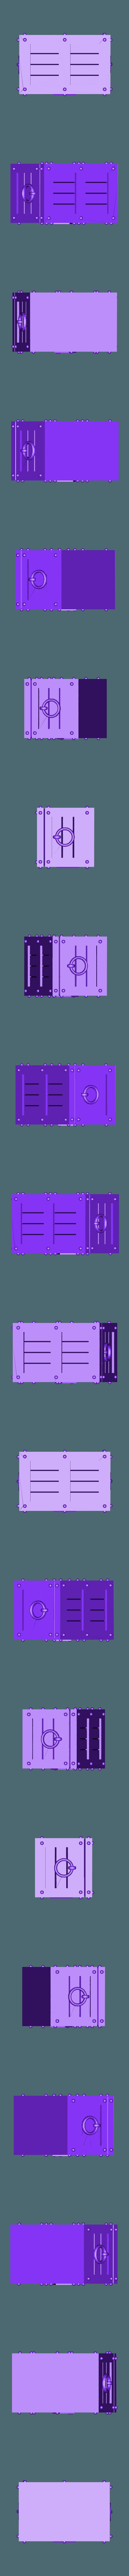 mansion14.obj Télécharger fichier OBJ meubles pour manoir de folie • Modèle pour imprimante 3D, 3DRune